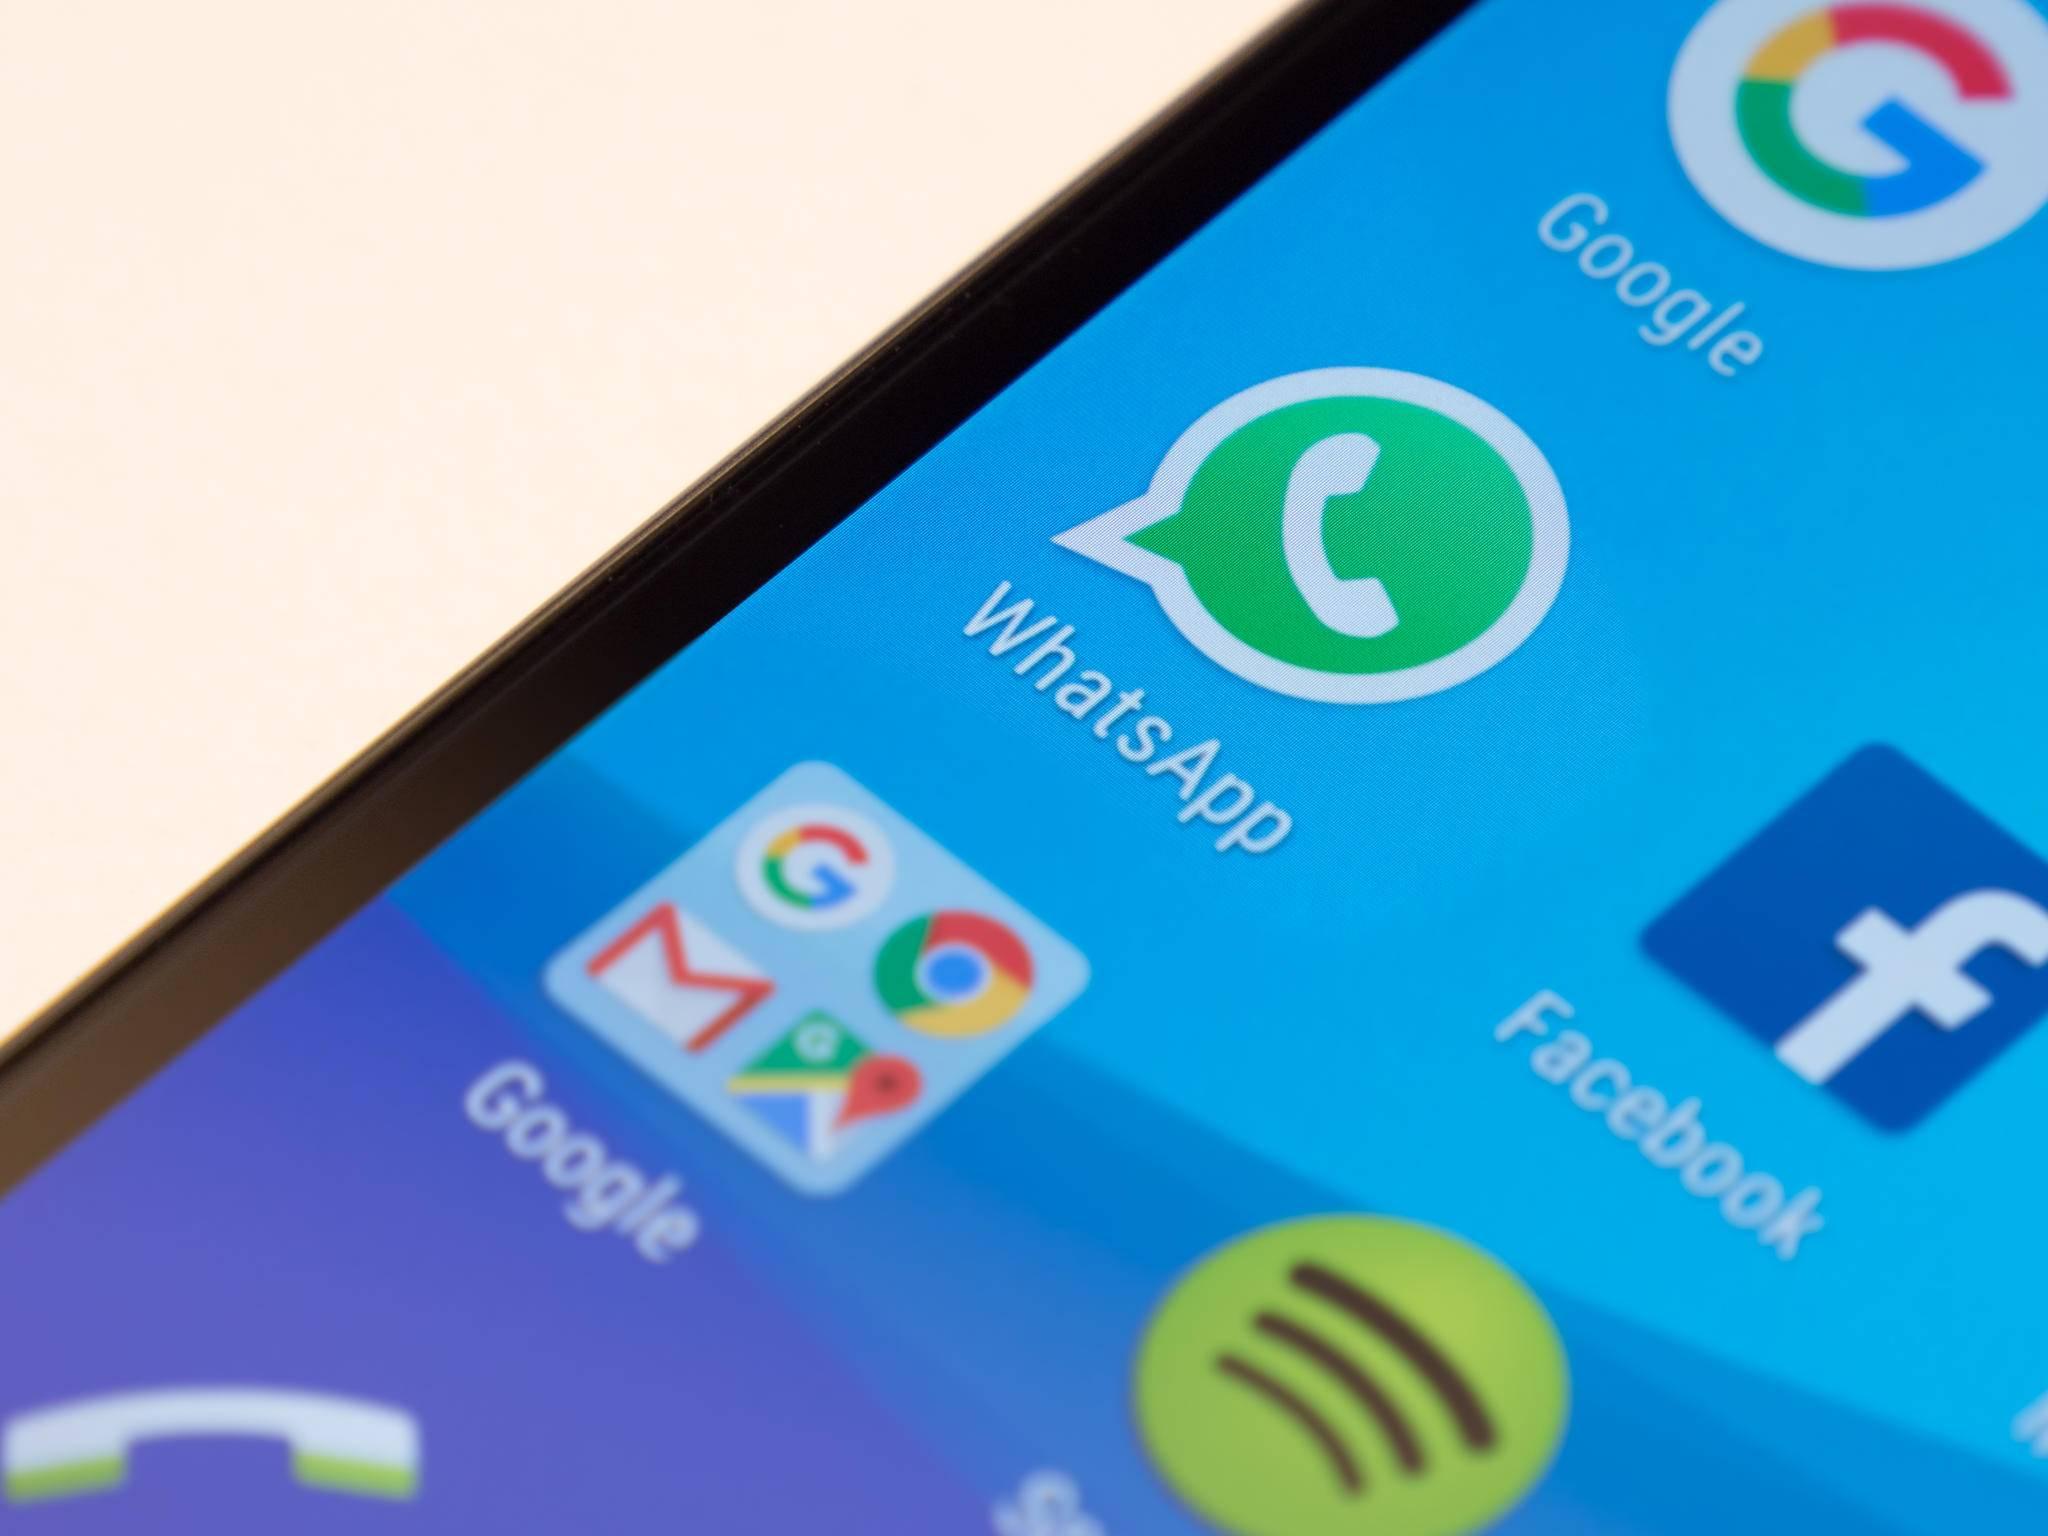 WhatsApp veröffentlicht das neueste Update jetzt auch für Android-Geräte.